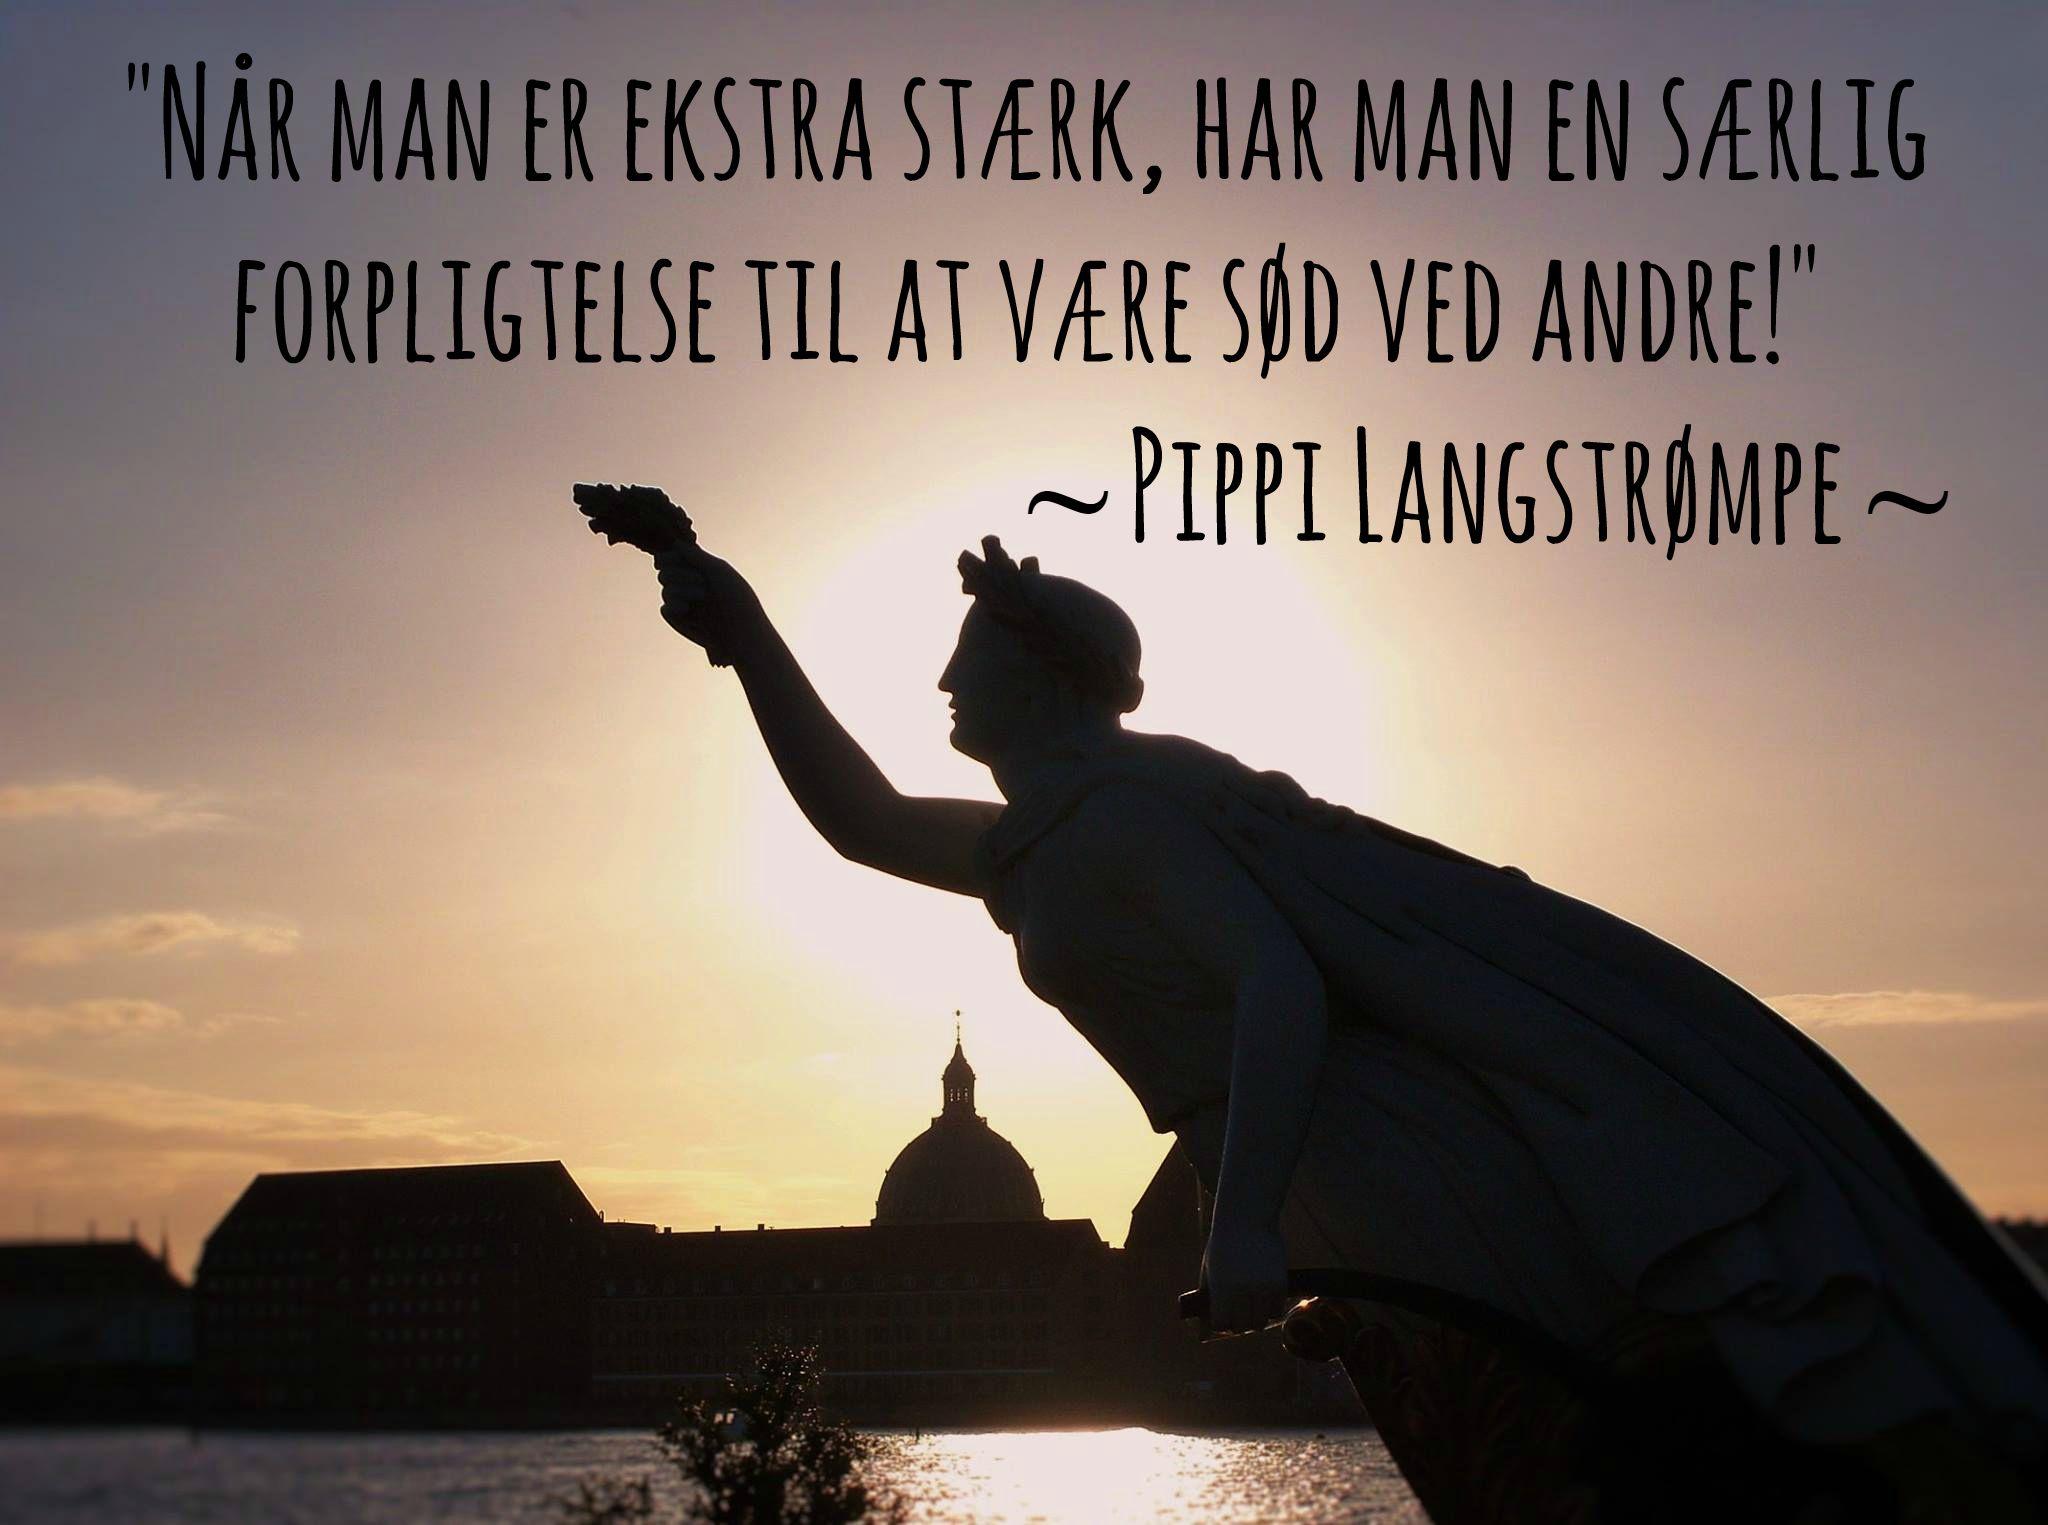 vise citater Vise ord fra Pippi Langstrømpe #Danskecitater #citater #Quotes  vise citater